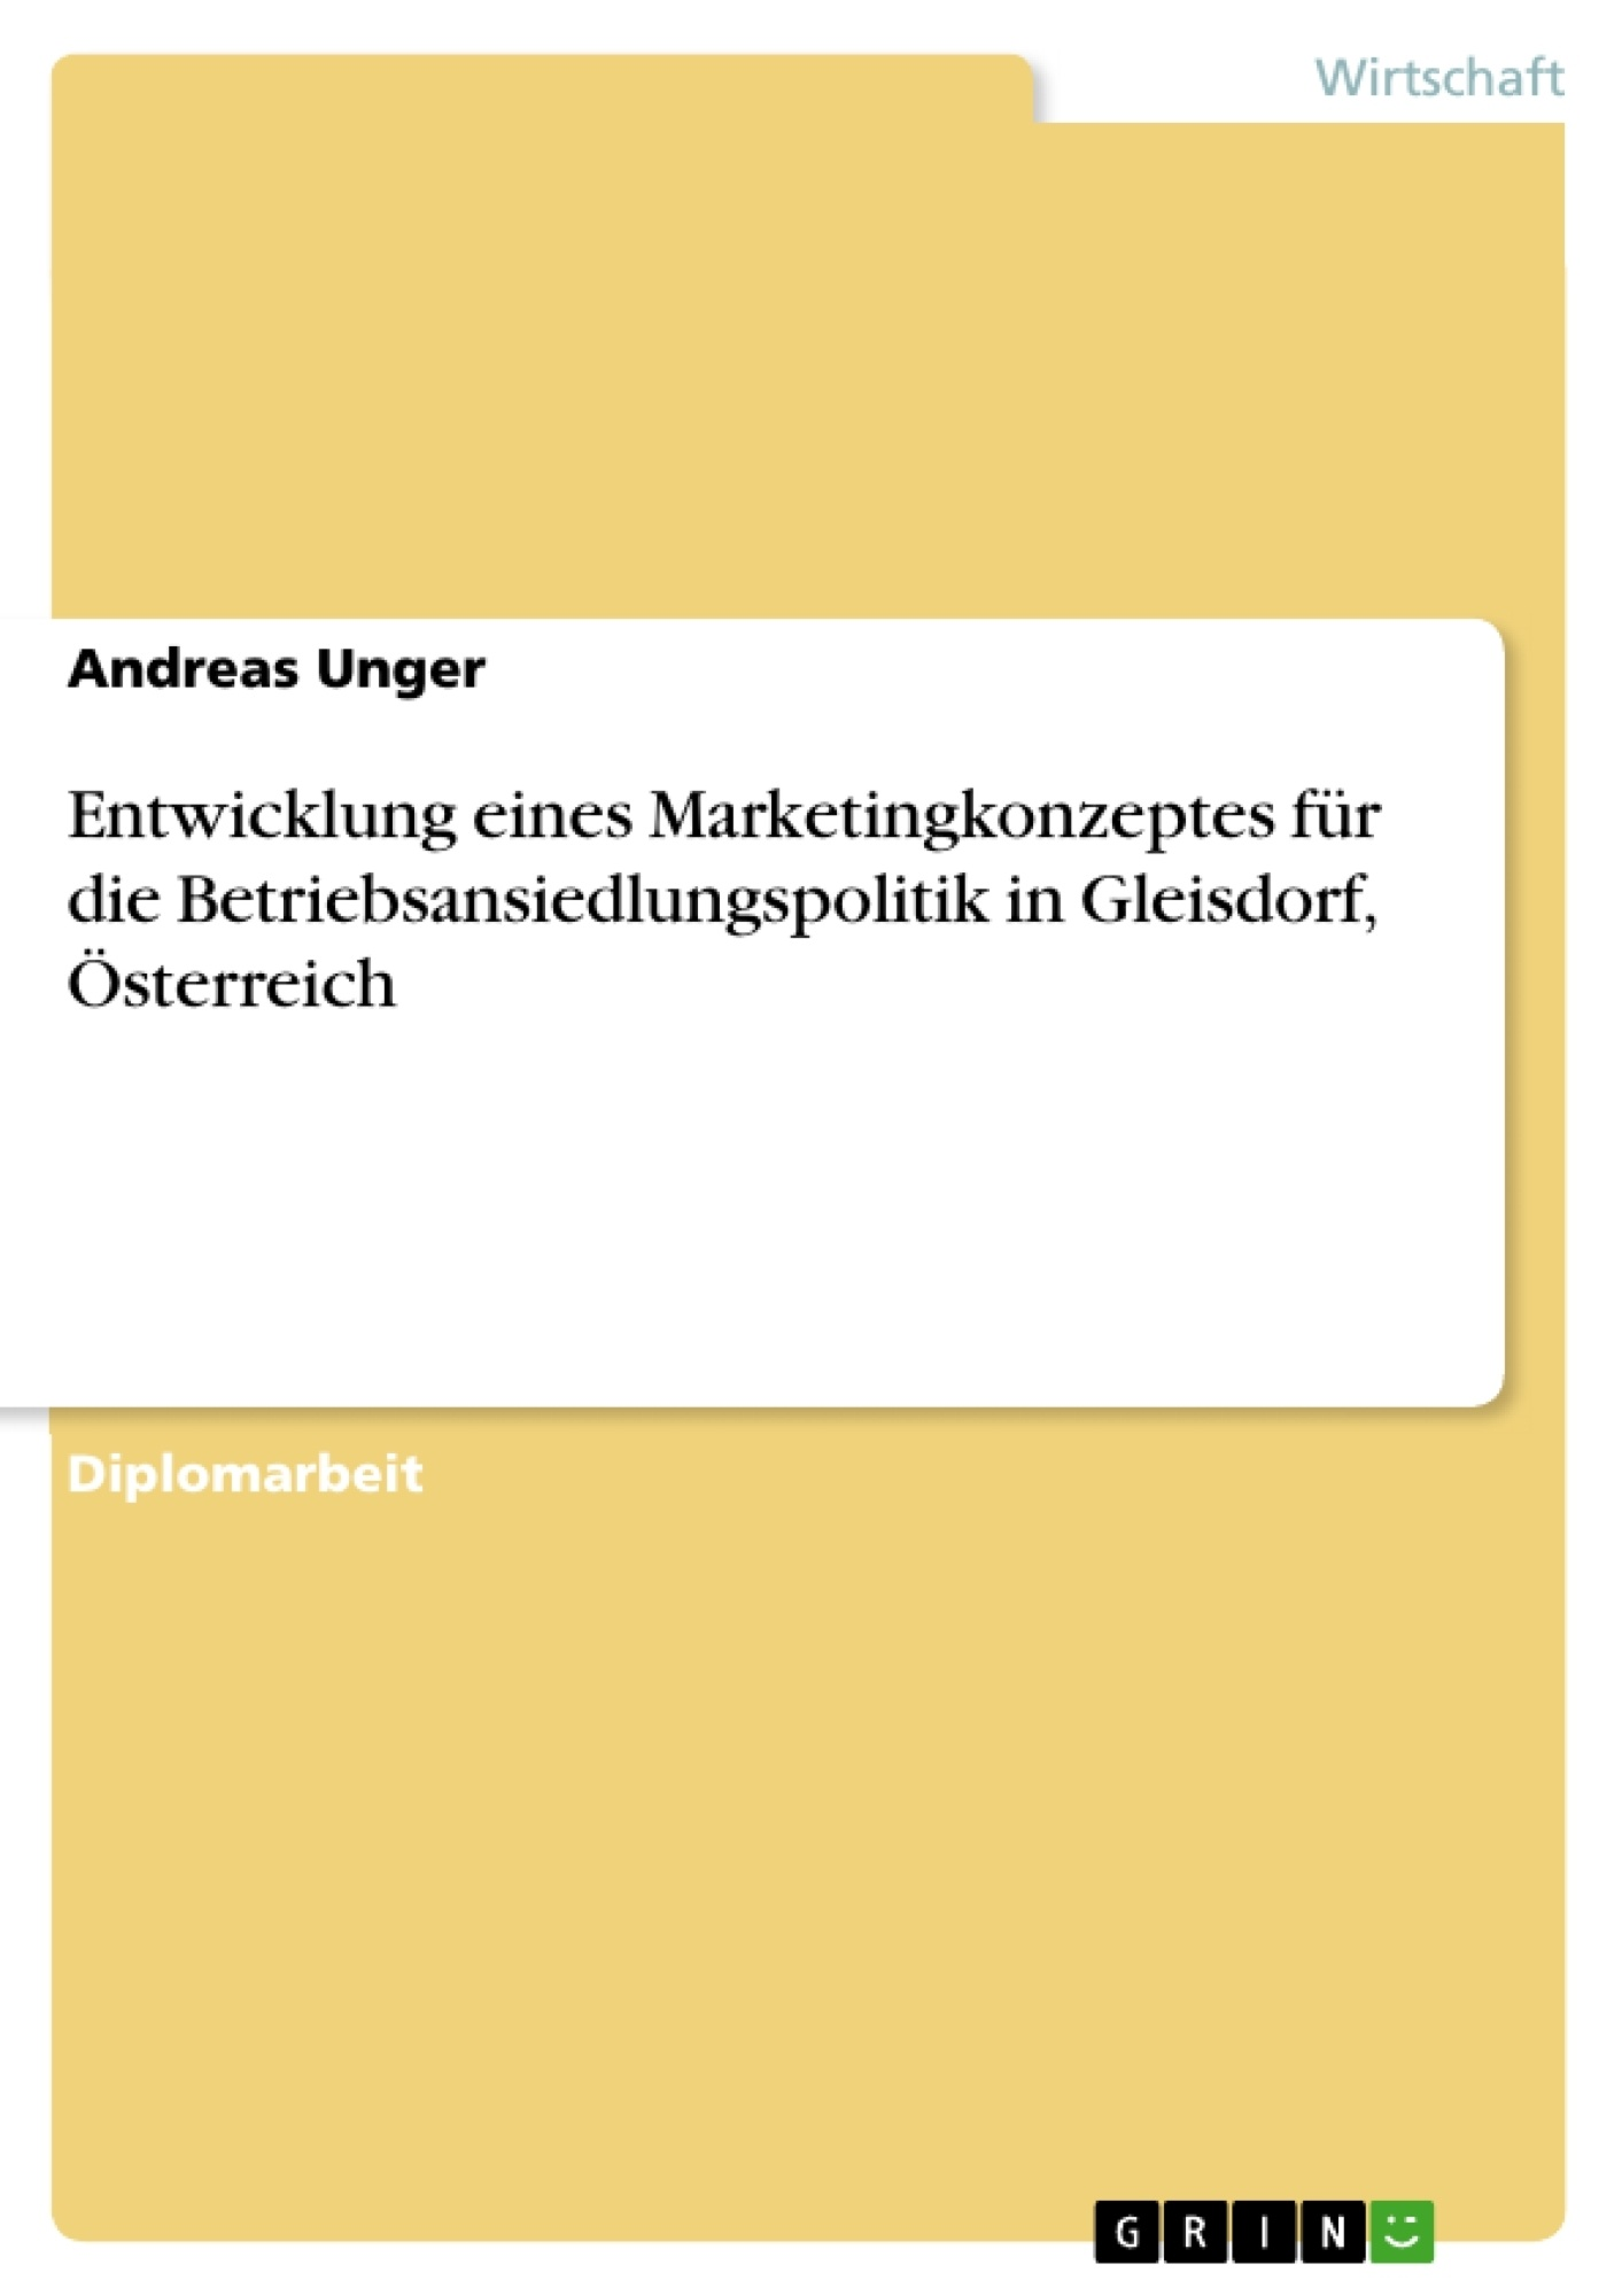 Titel: Entwicklung eines Marketingkonzeptes für die Betriebsansiedlungspolitik in Gleisdorf, Österreich